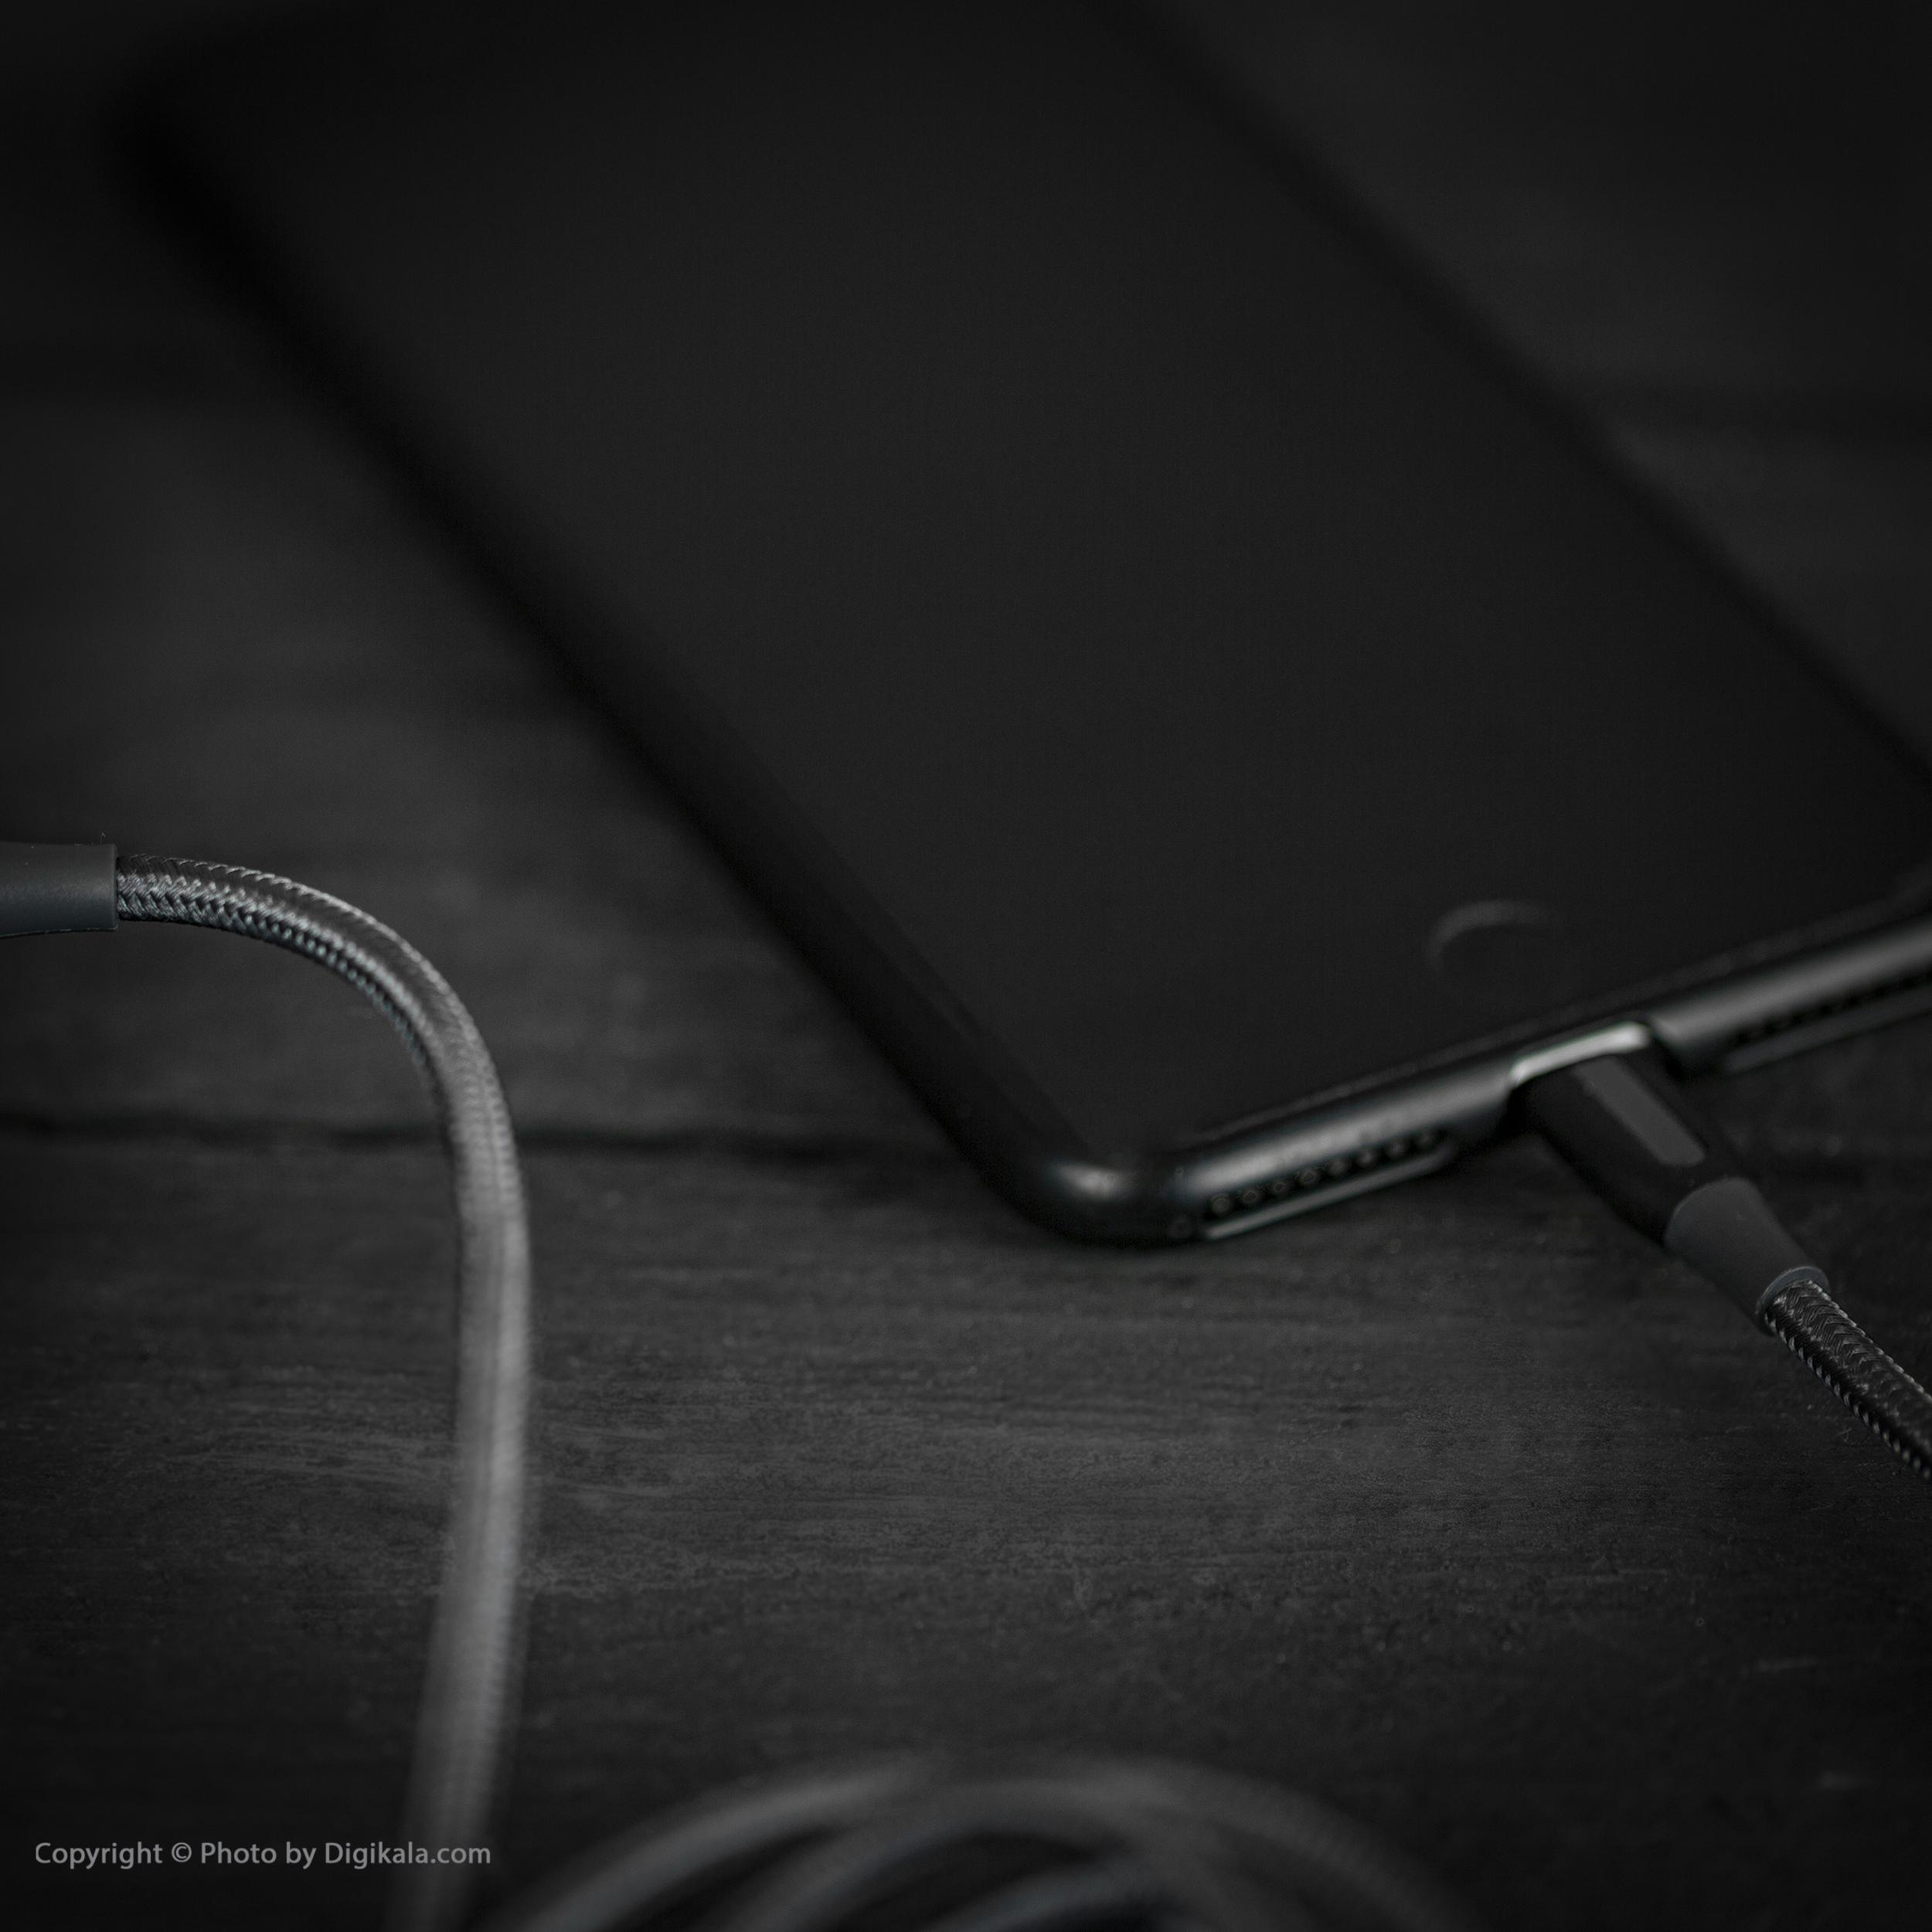 کابل تبدیل USB به لایتنینگ انکر مدل A8122 PowerLine Plus طول 1.8 متر main 1 20